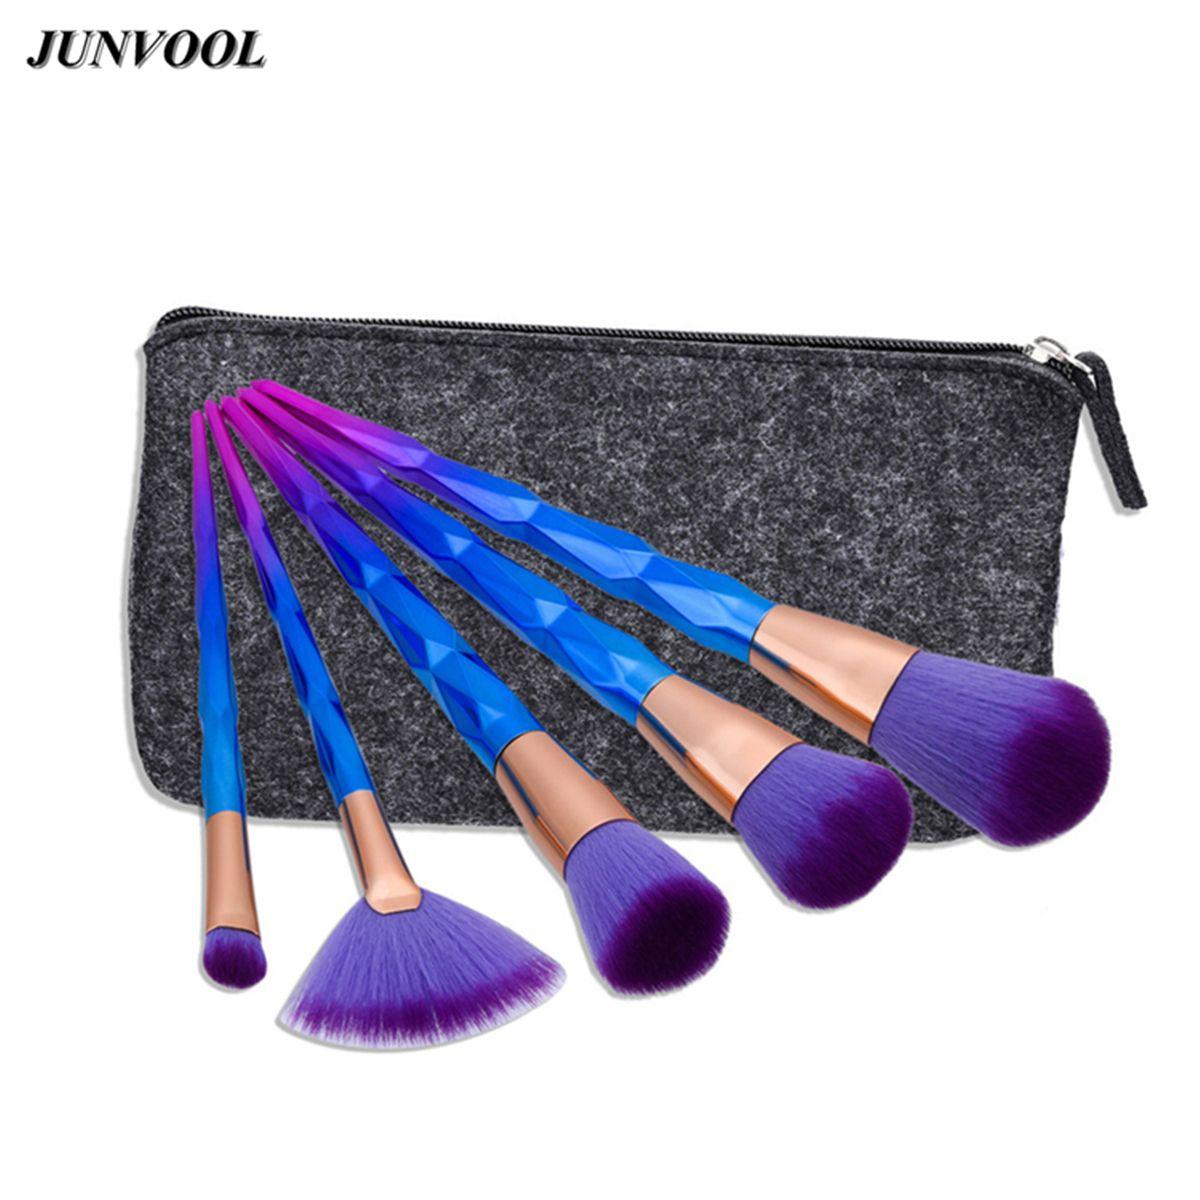 woman fashion 5pcs Multipurpose Makeup Brushes Set Purple